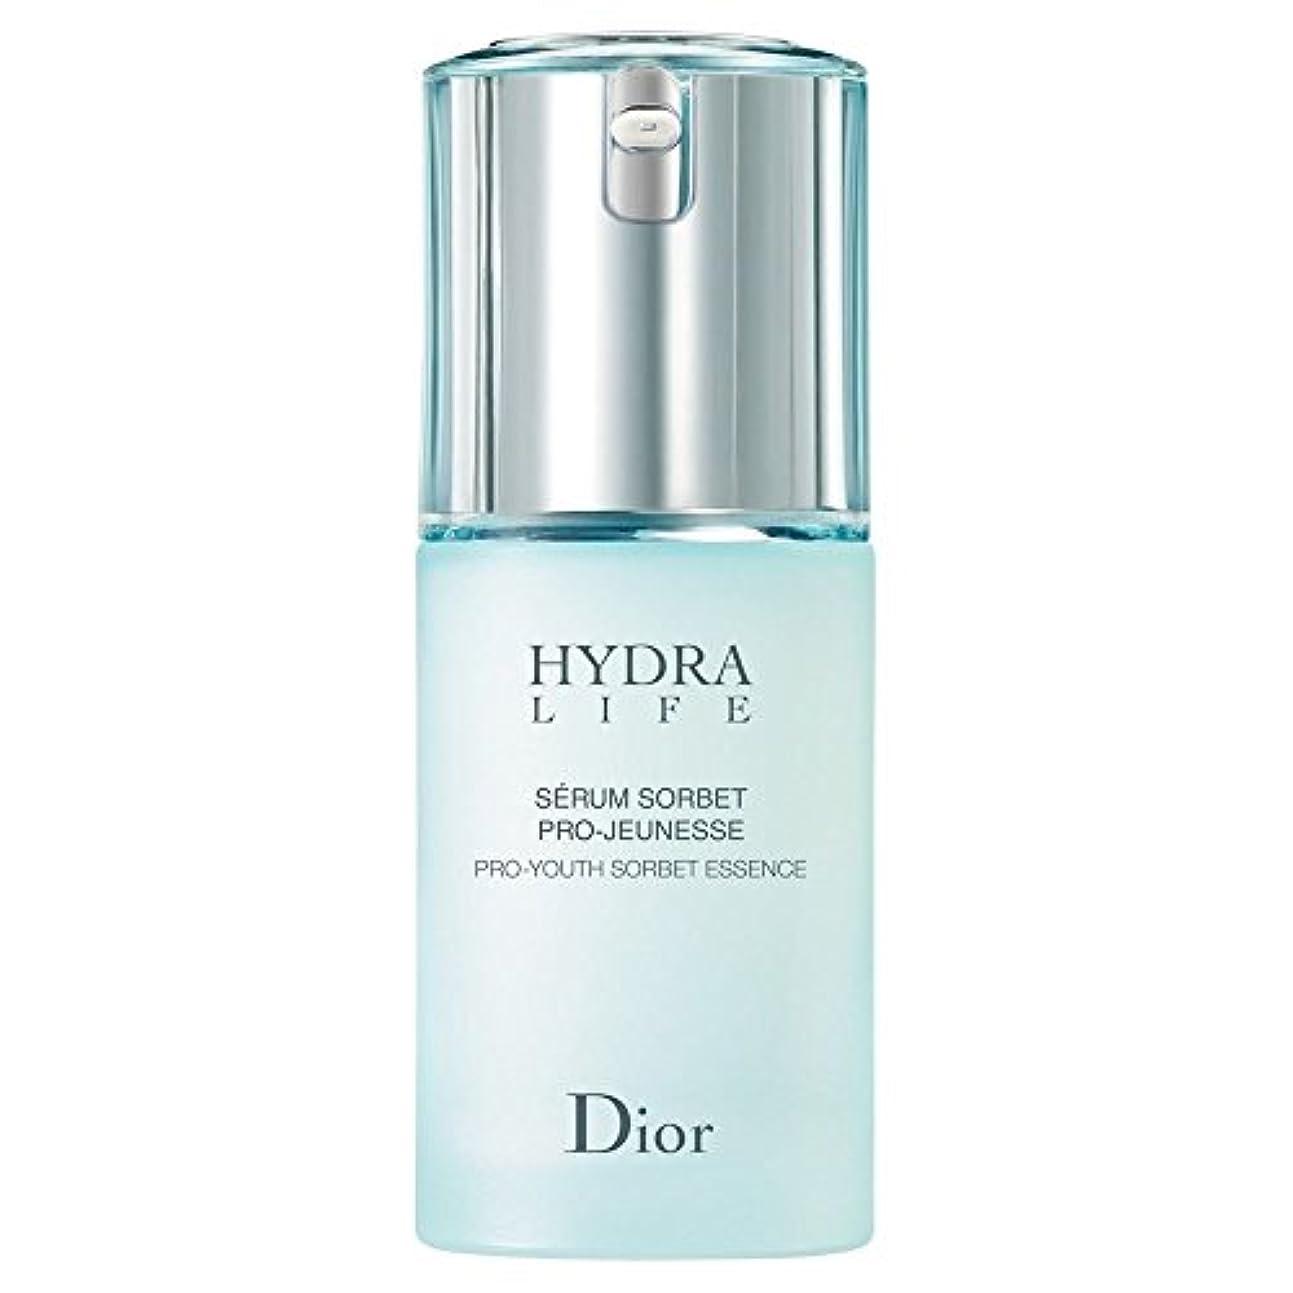 周波数腹痛再集計[Dior] ディオールヒドラライフプロ若者シャーベットセラム30Ml - Dior Hydra Life Pro-Youth Sorbet Serum 30ml [並行輸入品]